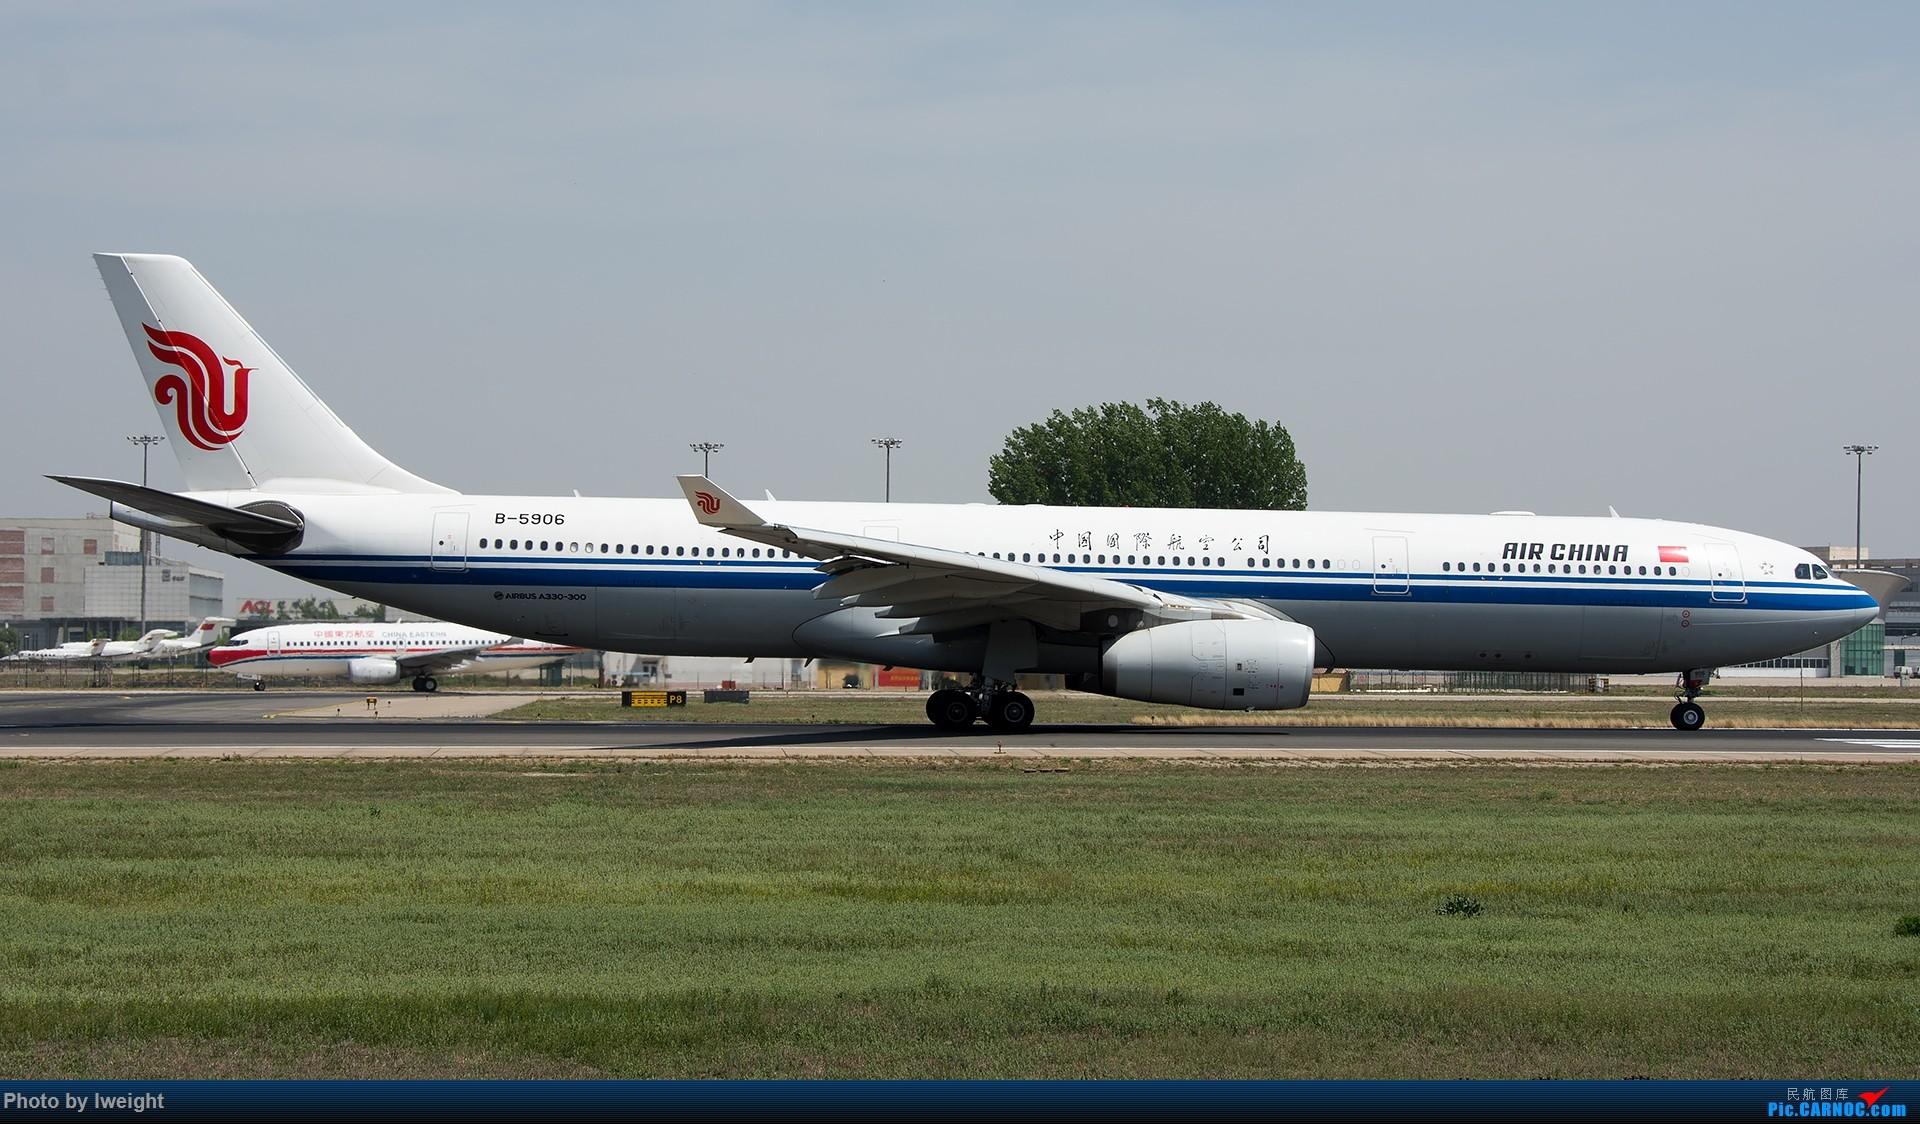 Re:[原创]天气晴朗,继续守候18R【多图】 AIRBUS A330-300 B-5906 中国北京首都国际机场